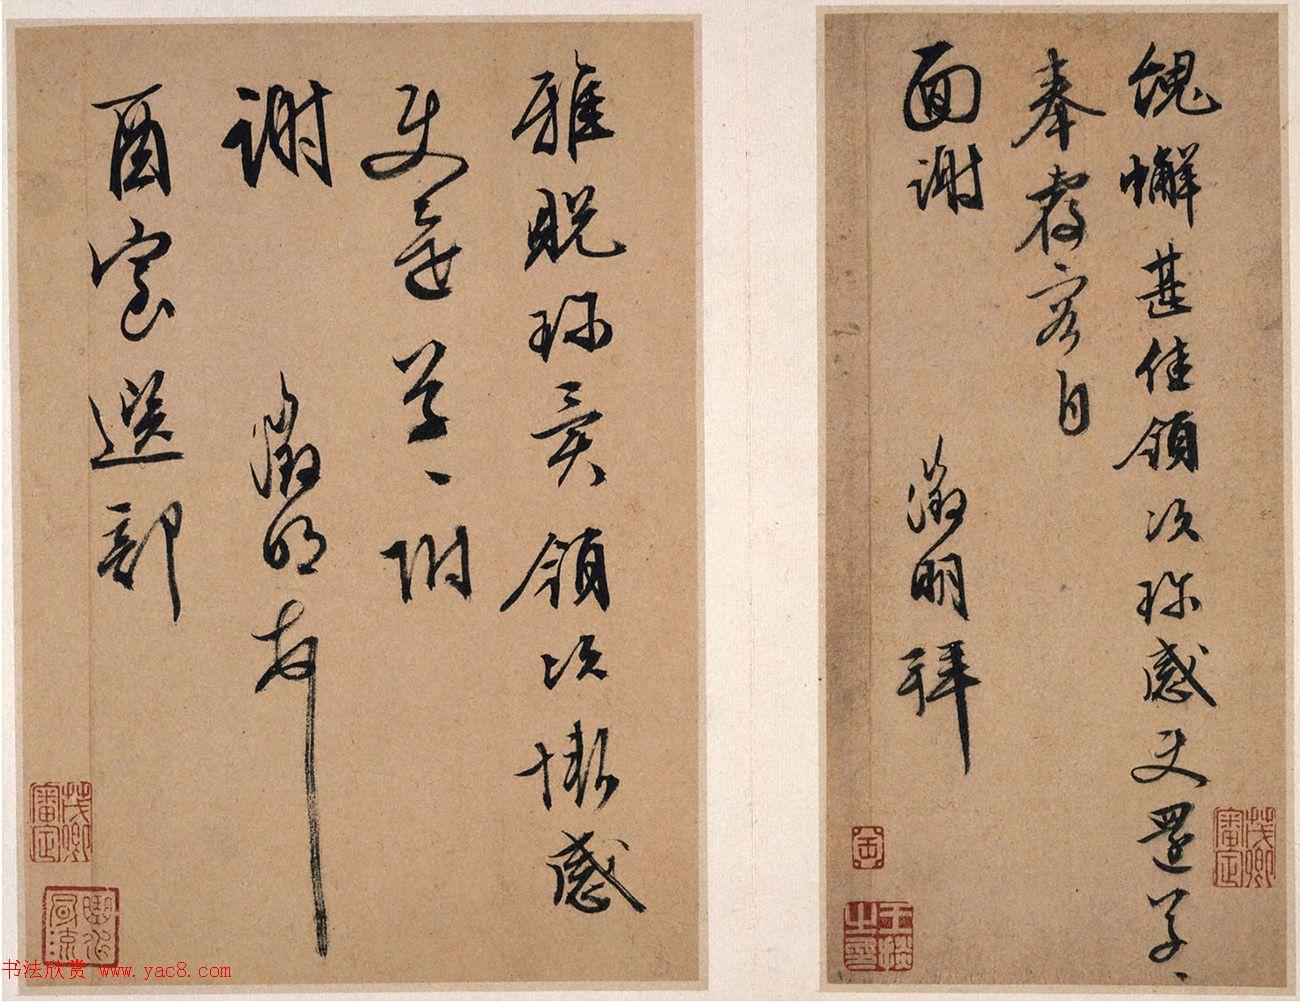 文徵明书法墨迹《明人尺牍》(美国藏)